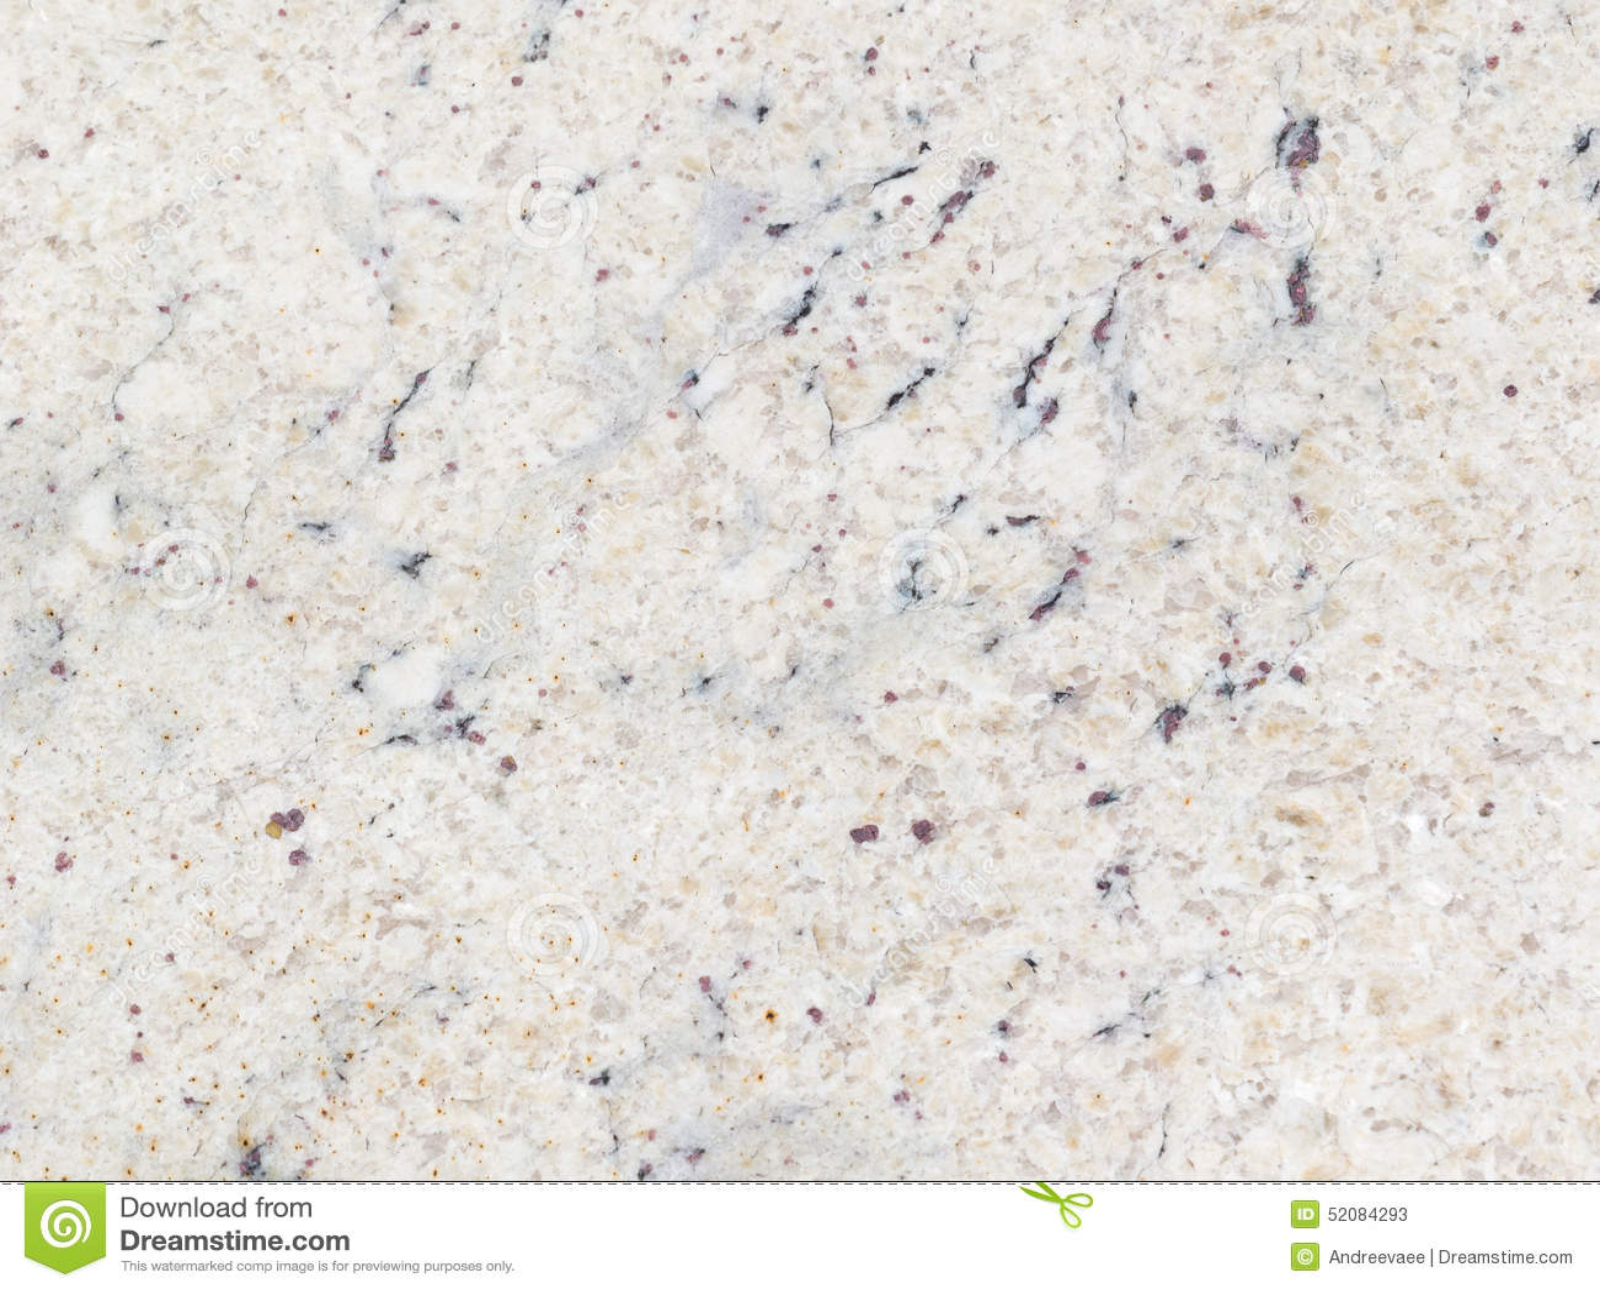 Mottled Light Gray Beige Granite Stock Photo Image 52084293